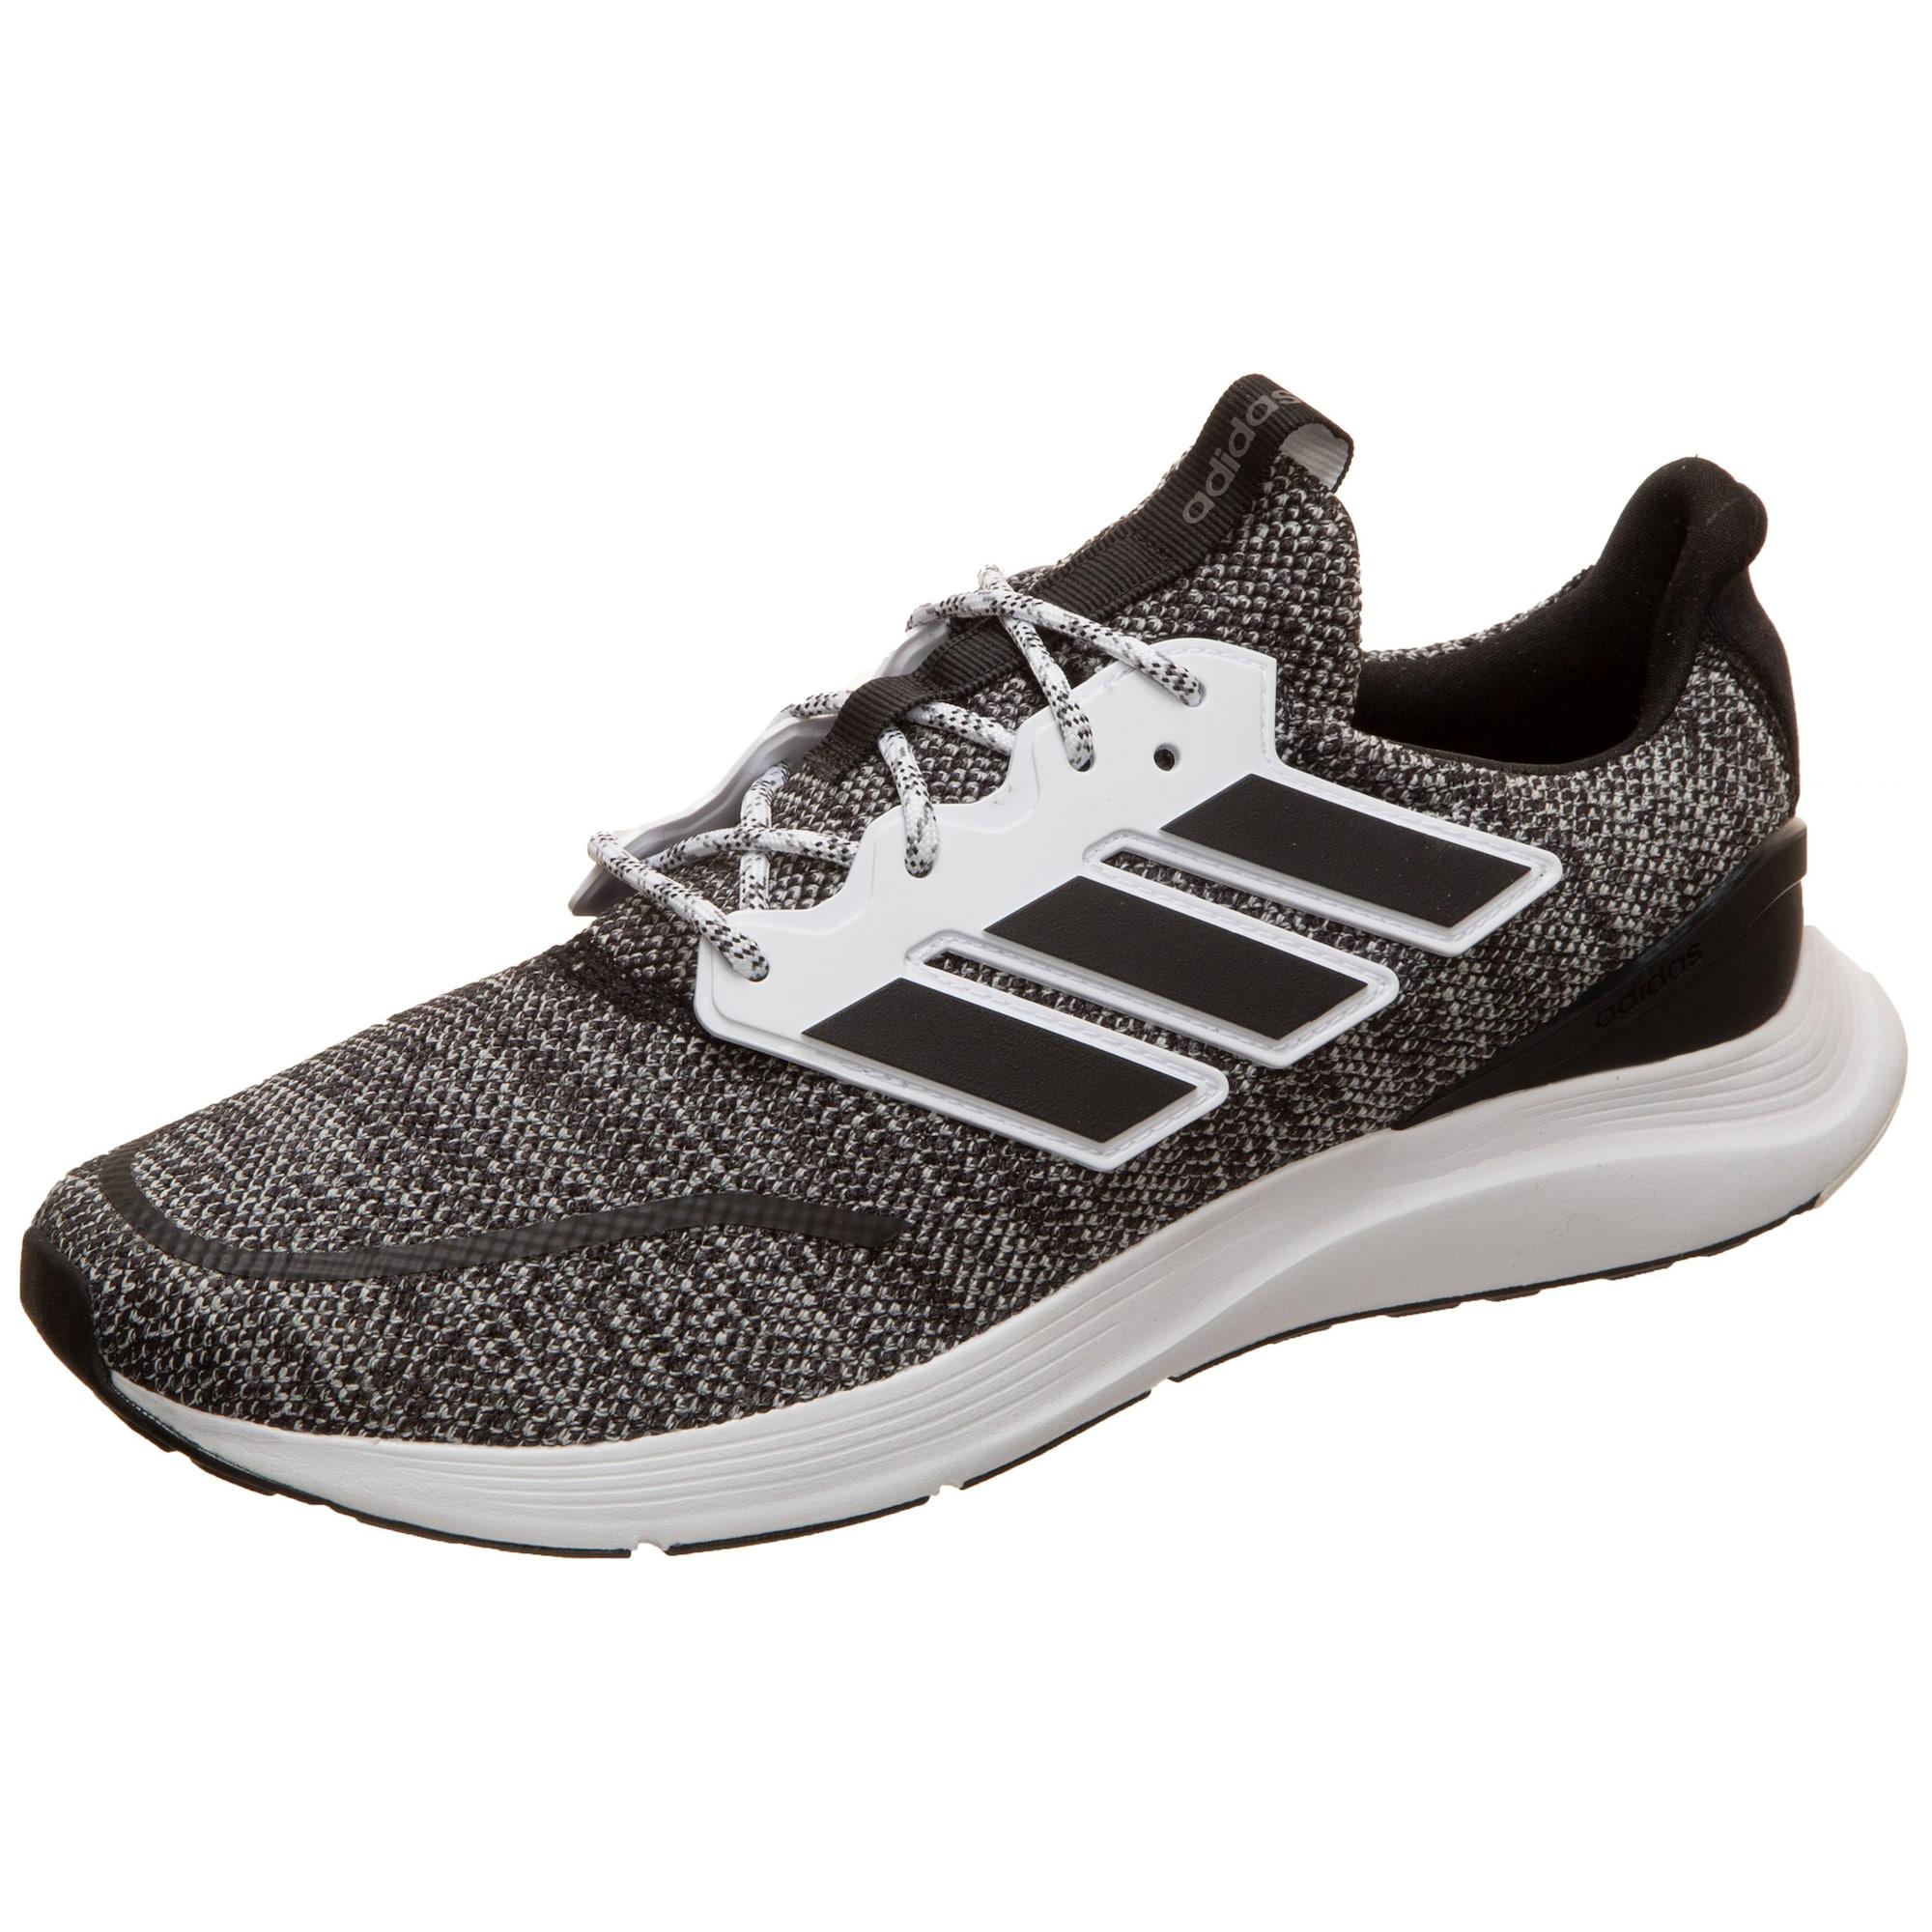 ADIDAS PERFORMANCE Bėgimo batai 'Energyfalcon' juoda